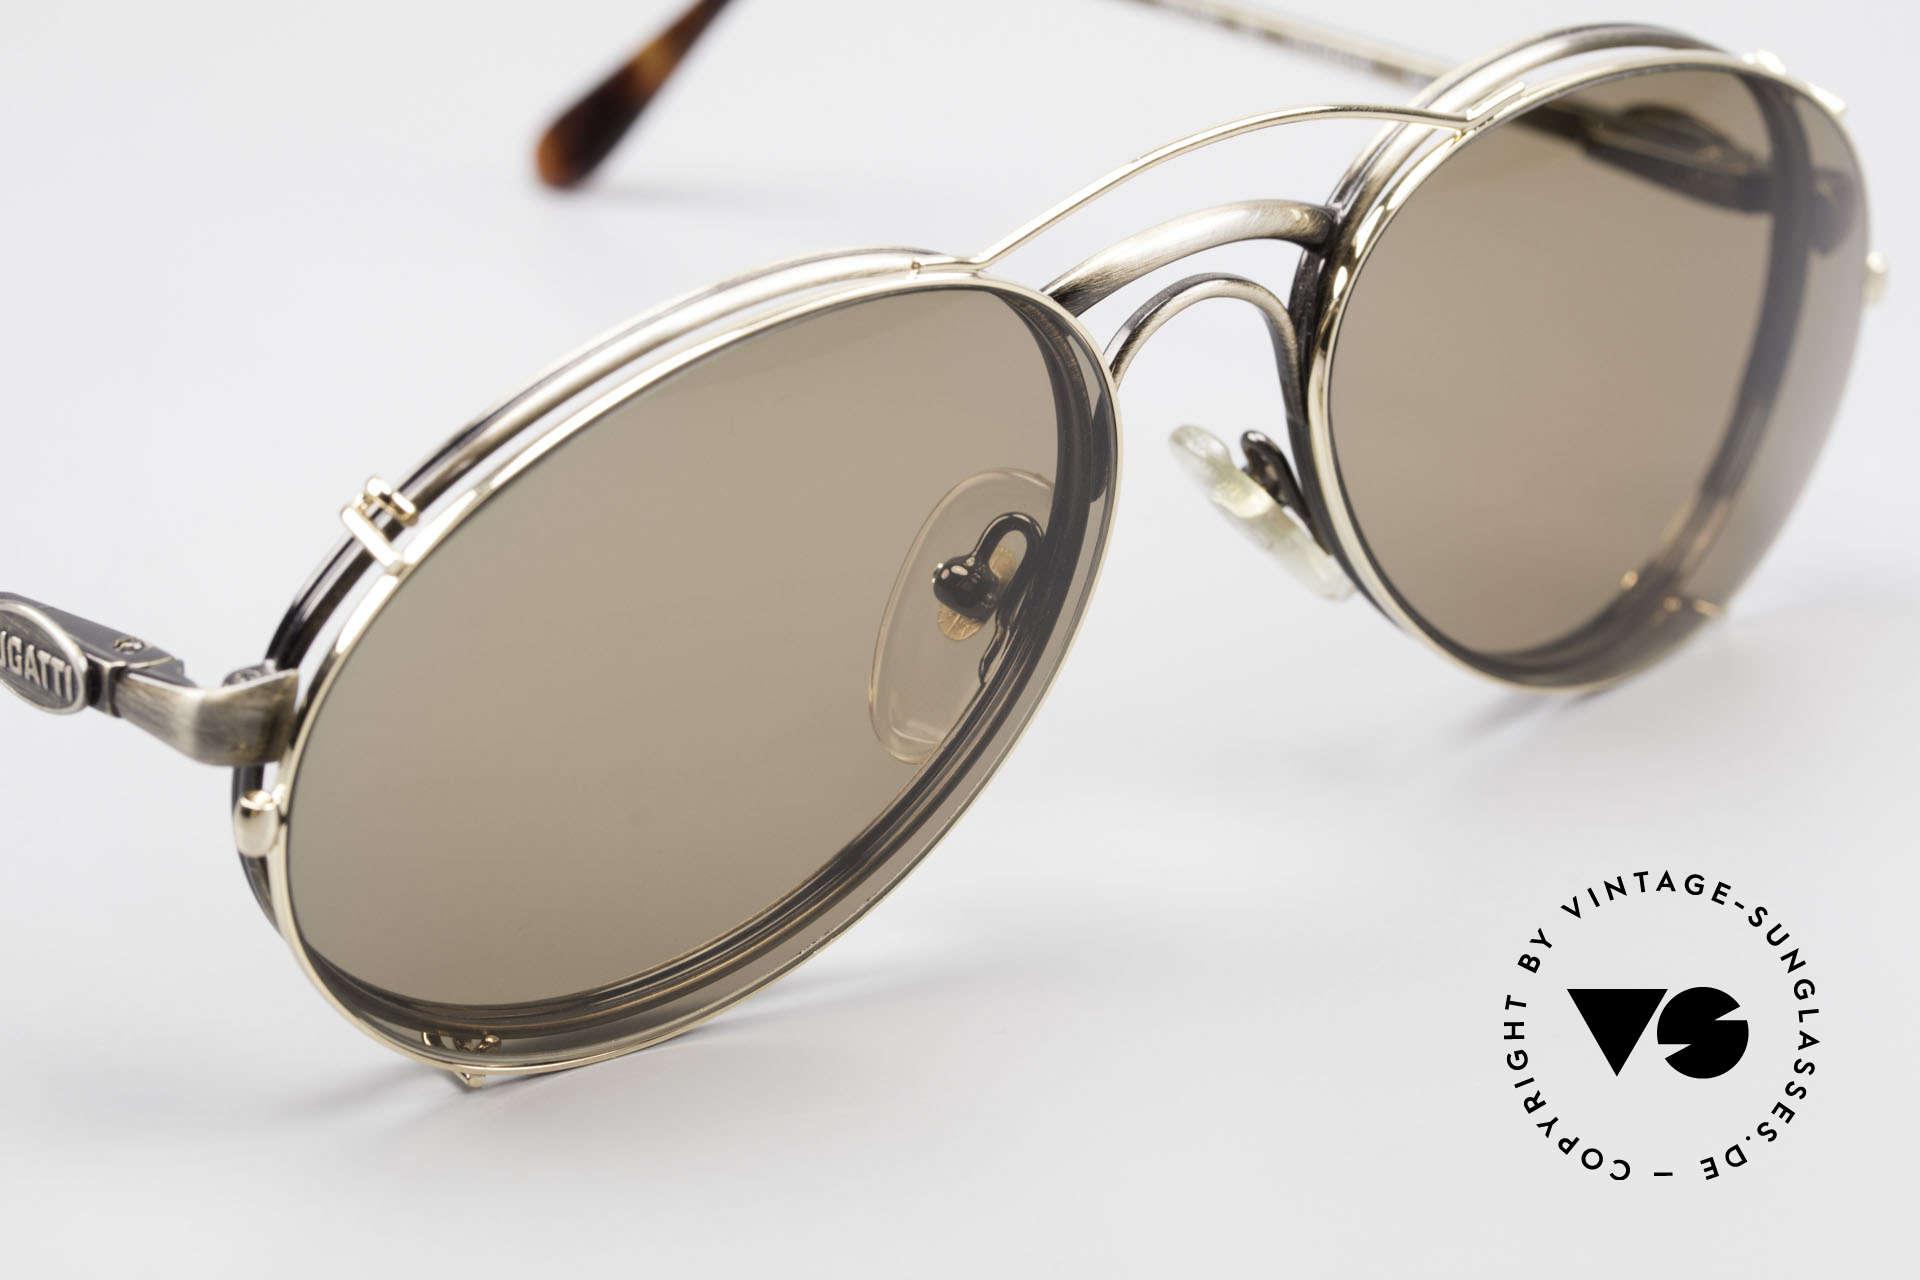 Bugatti 03323 80er Herrenbrille mit Clip On, ungetragen (wie alle unsere vintage Bugatti Modelle), Passend für Herren